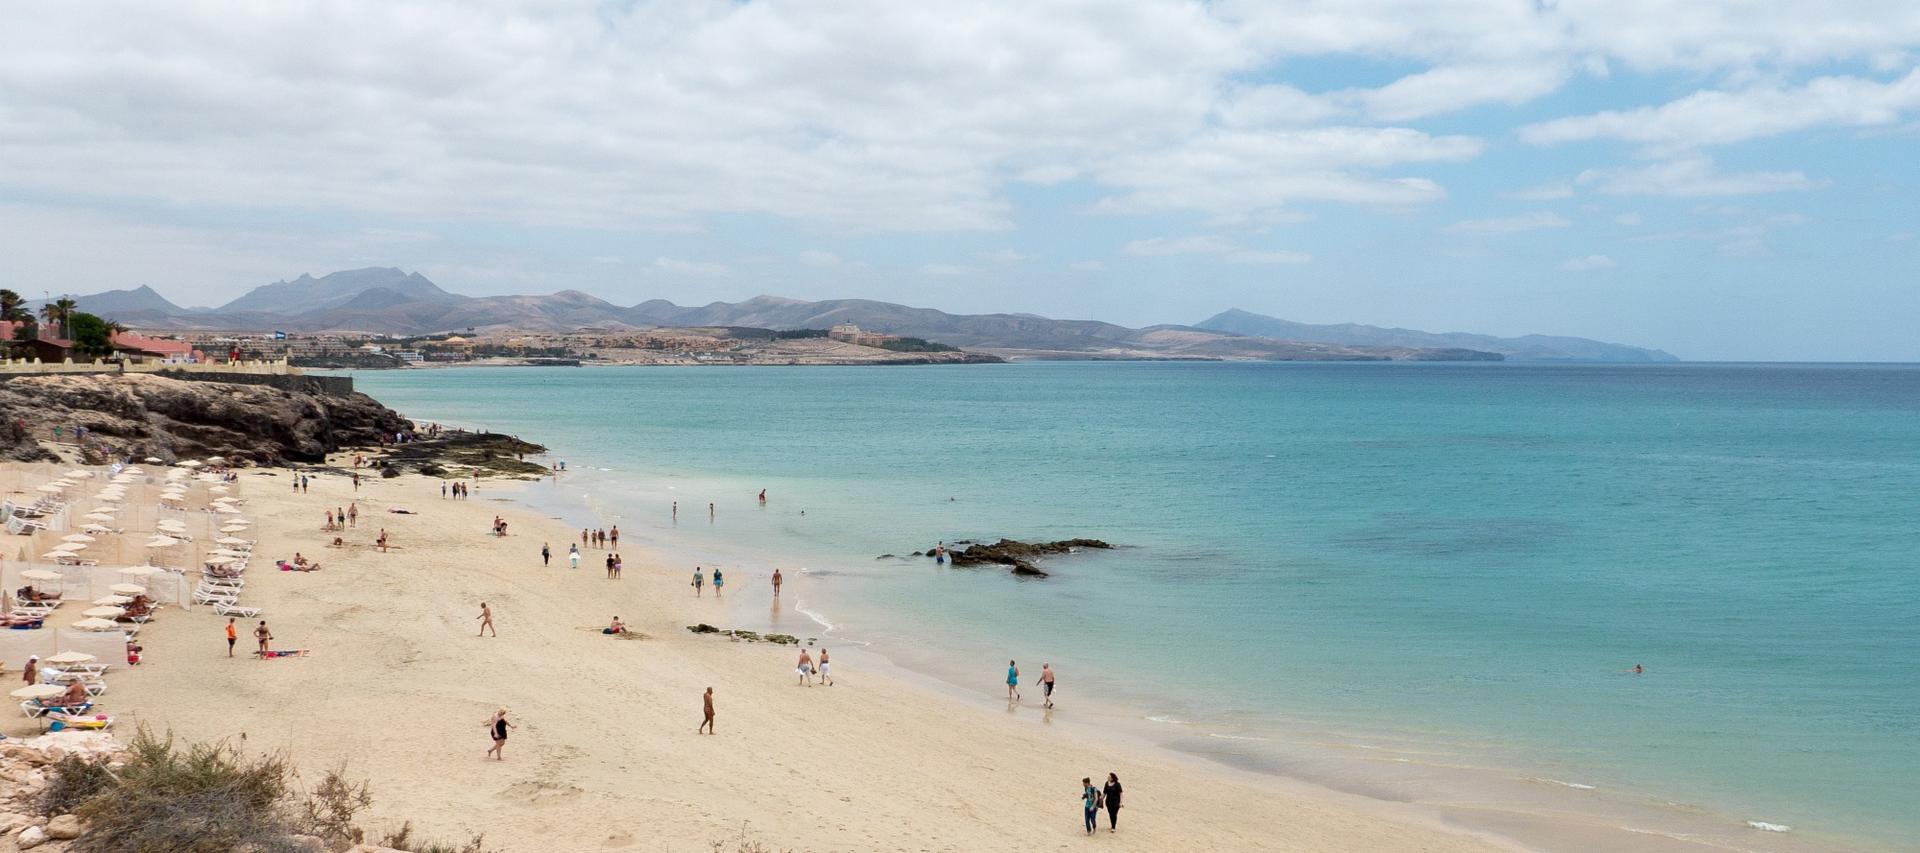 Costa Calma in Fuerteventura | Your Guide to Fuerteventura